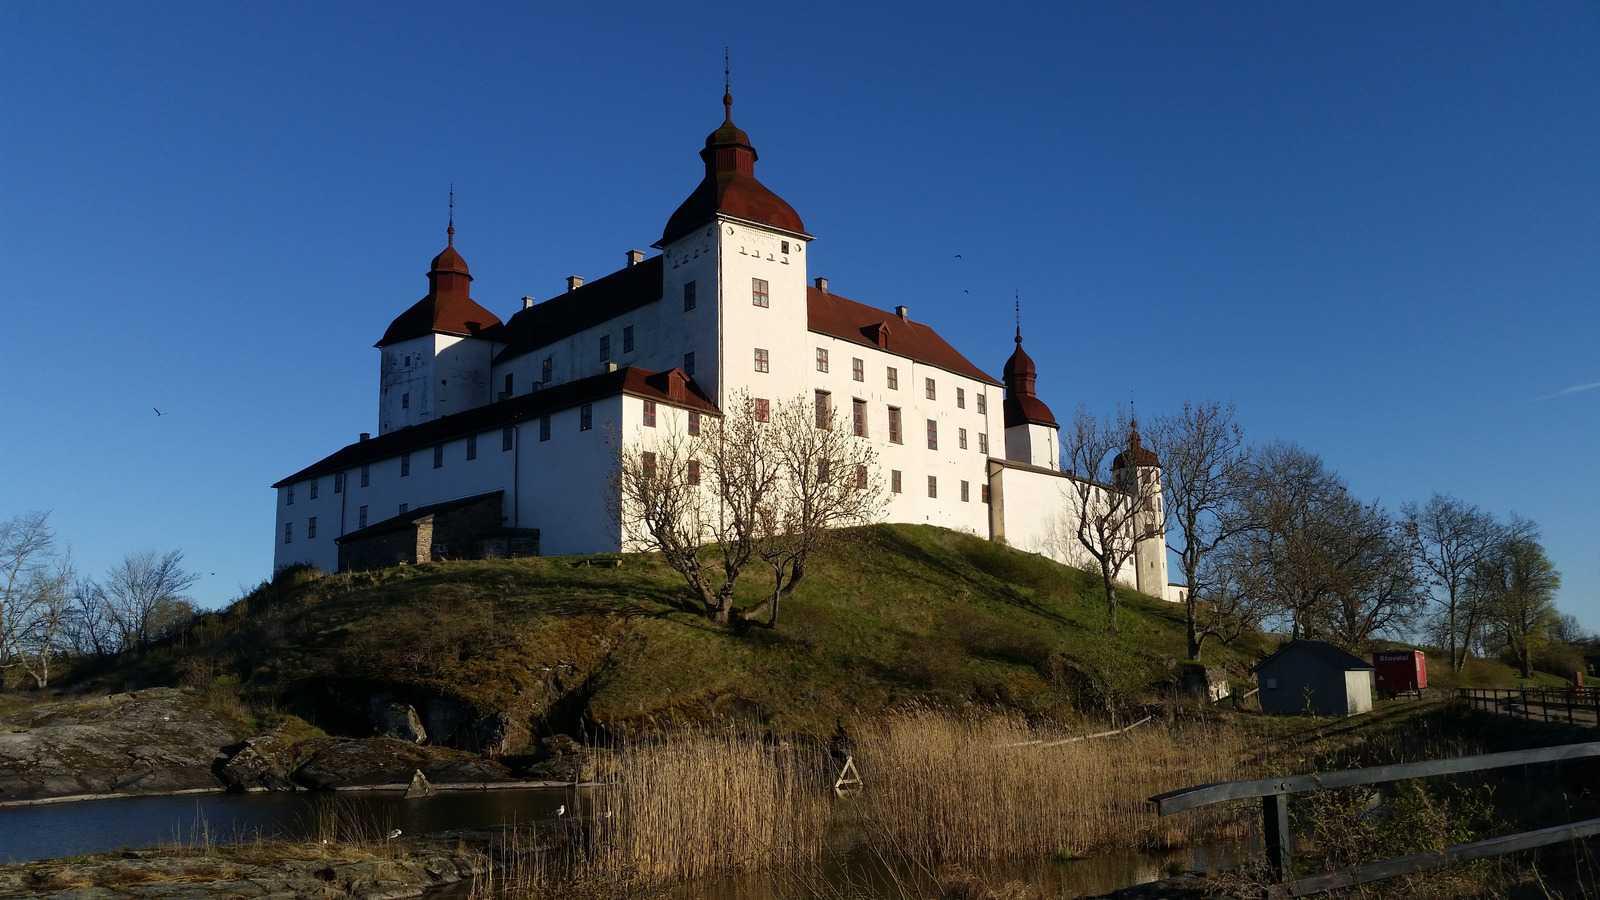 Läckö Castle, Sweden. Photo by godafisken/Pixabay.